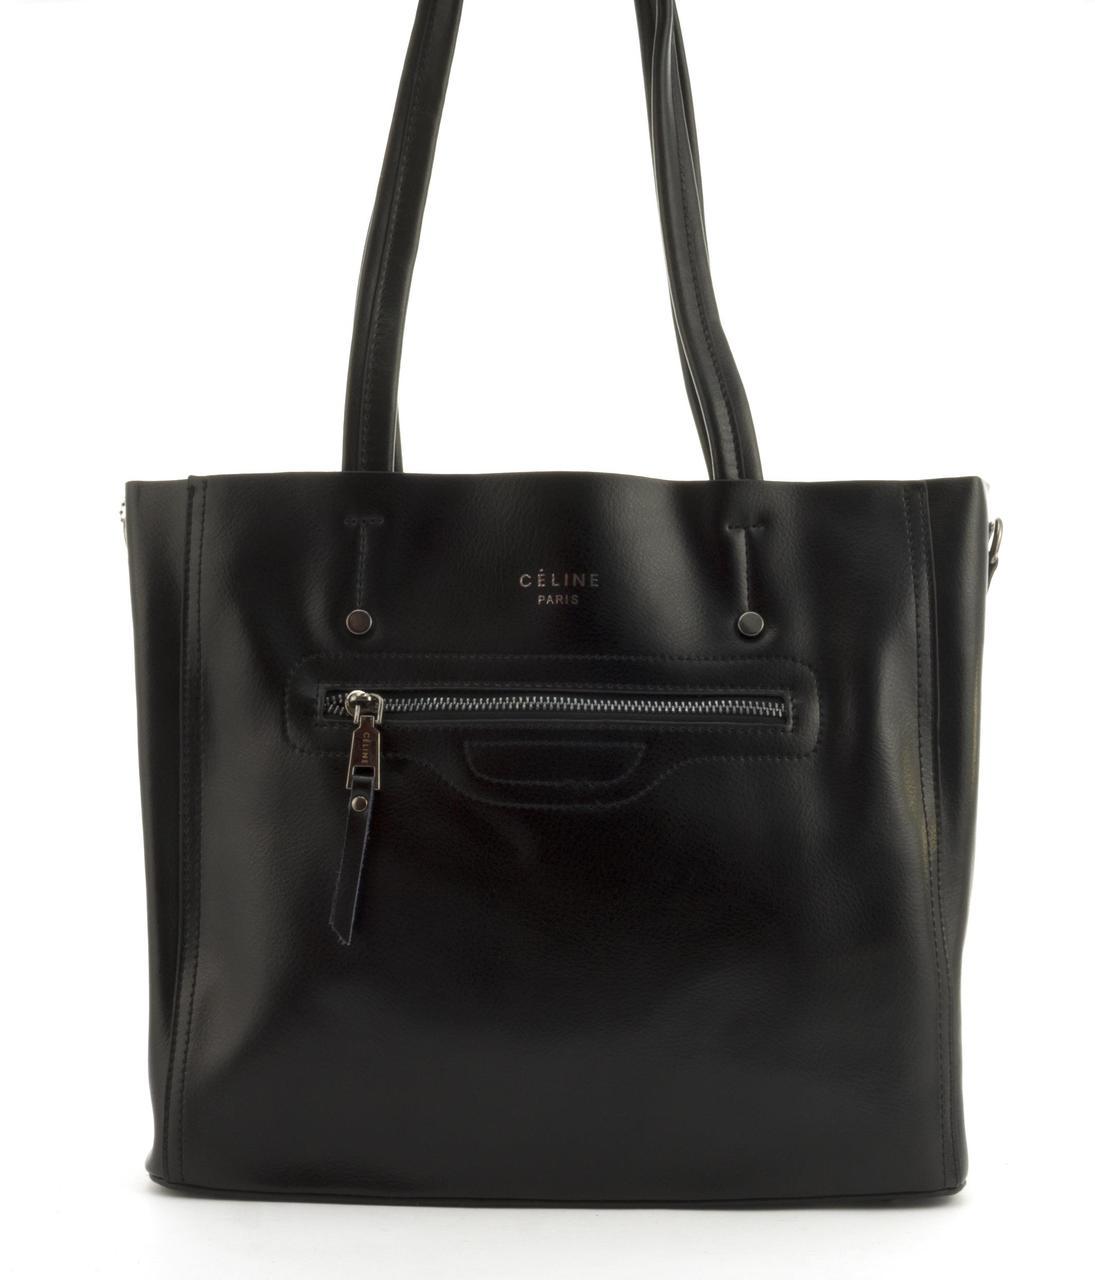 Суперстильная вместительная кожана прочная женская сумка CELINE art. 8869 черная